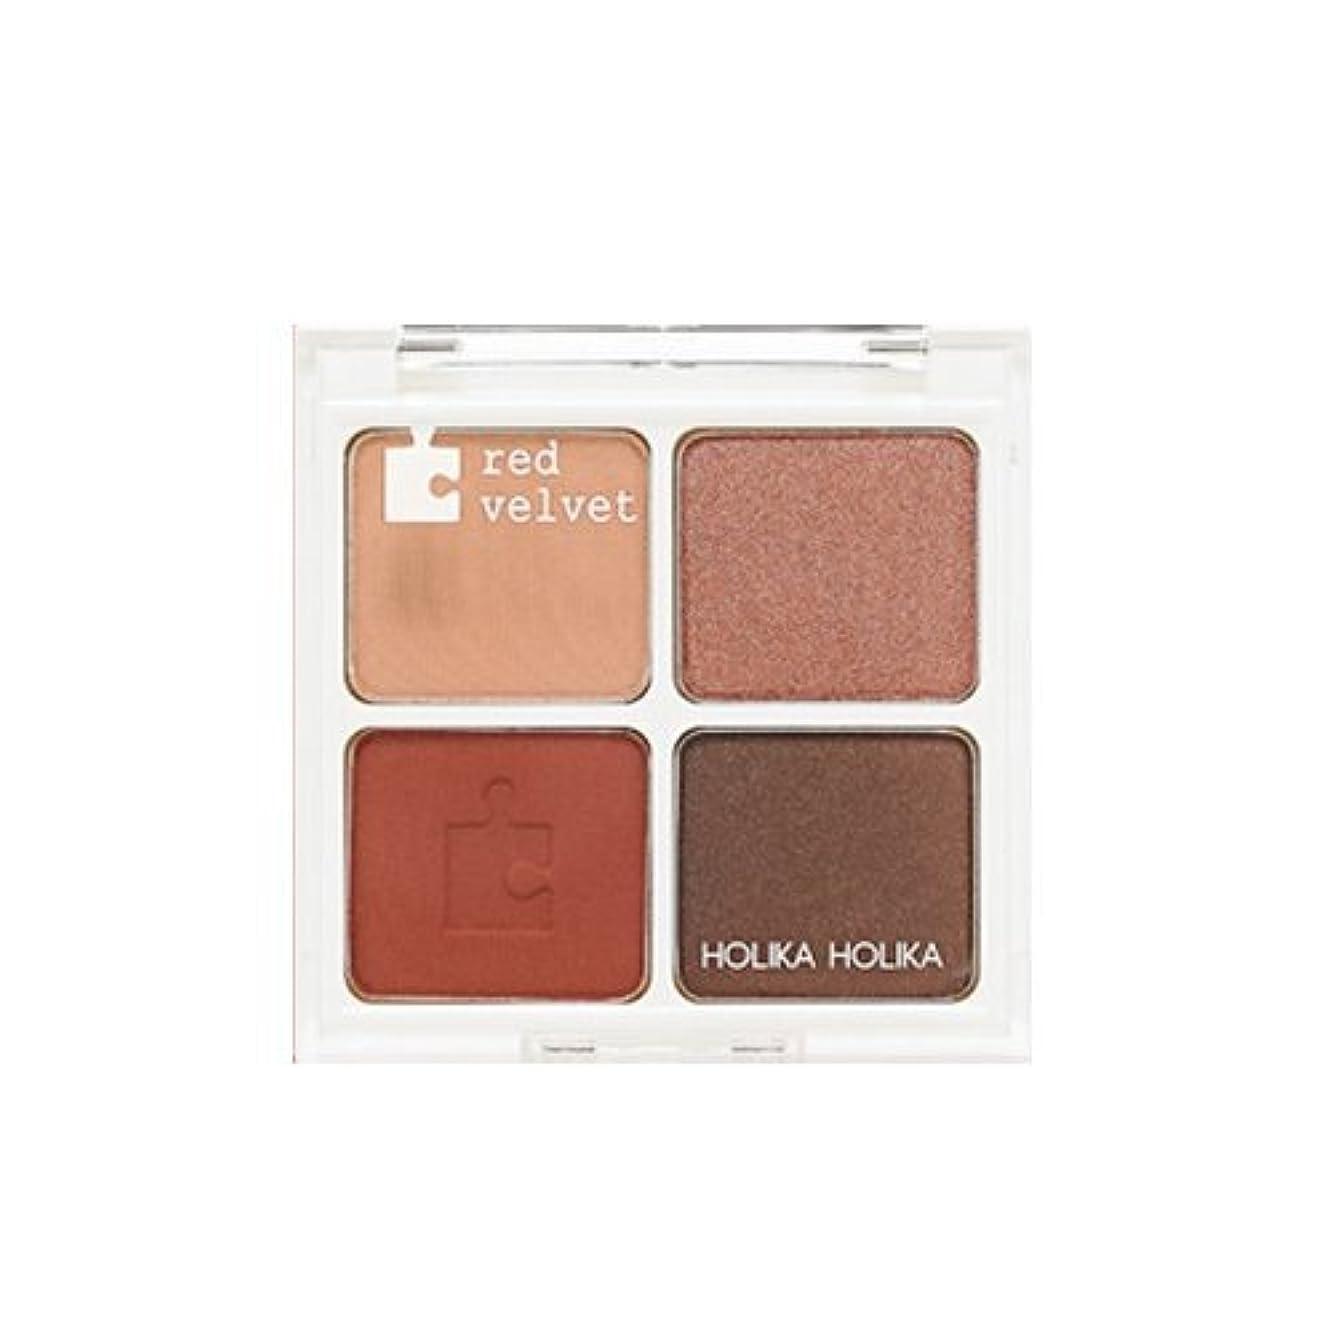 ステーキ爆発物食器棚HOLIKAHOLIKA Piece Matching Shadow Palette (01 Red Velvet) / ホリカホリカピースマッチングシャドウ4色パレット [並行輸入品]